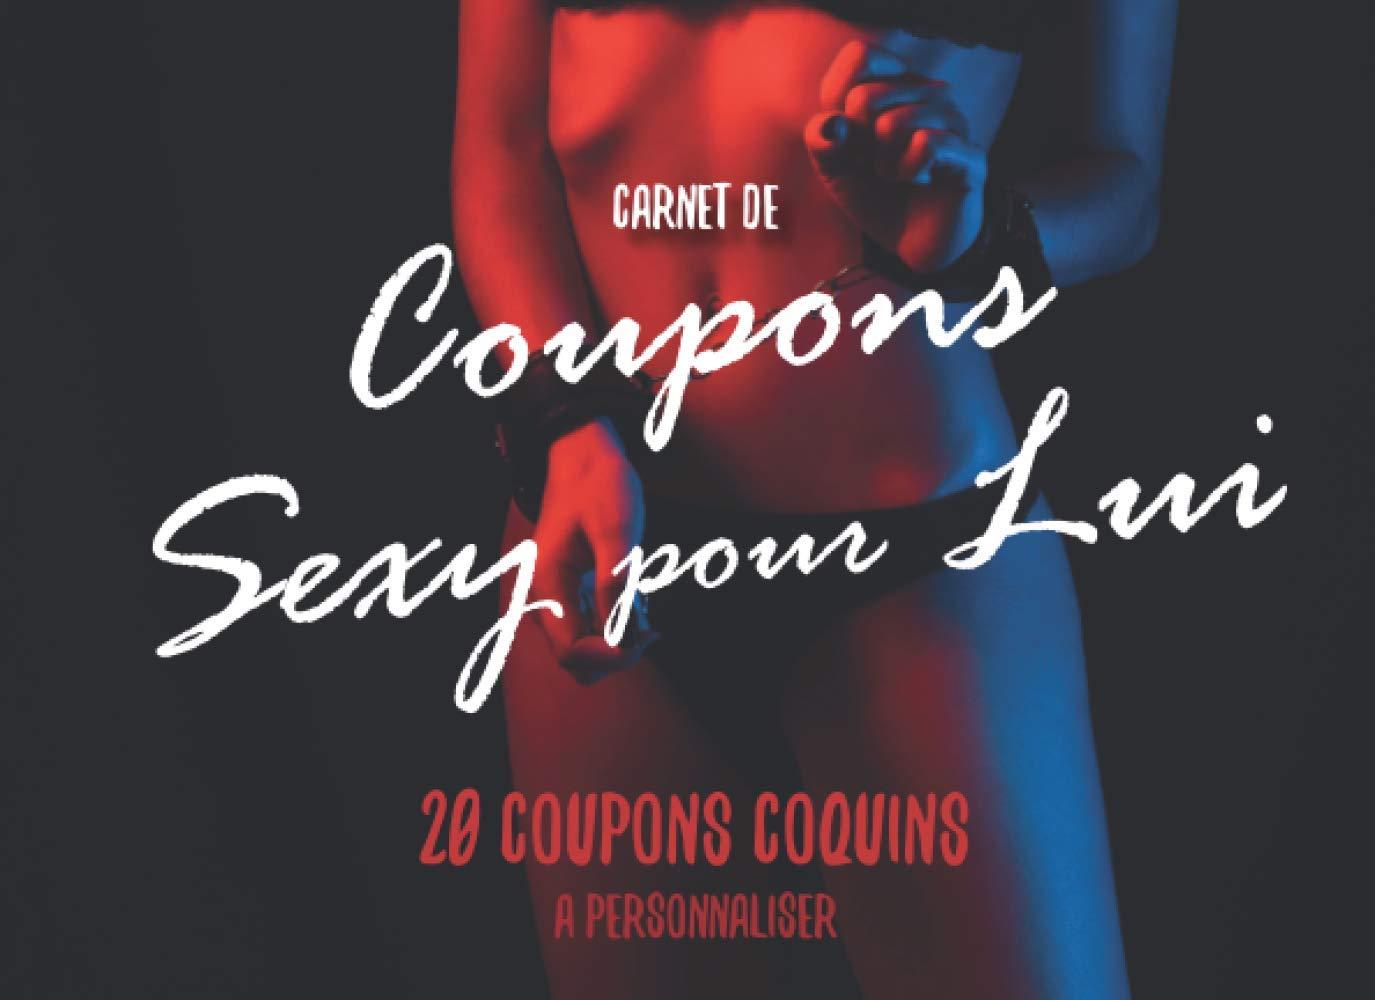 Coupons Sexy pour Lui: v1 1 | 20 Coupons coquins en Couleur à